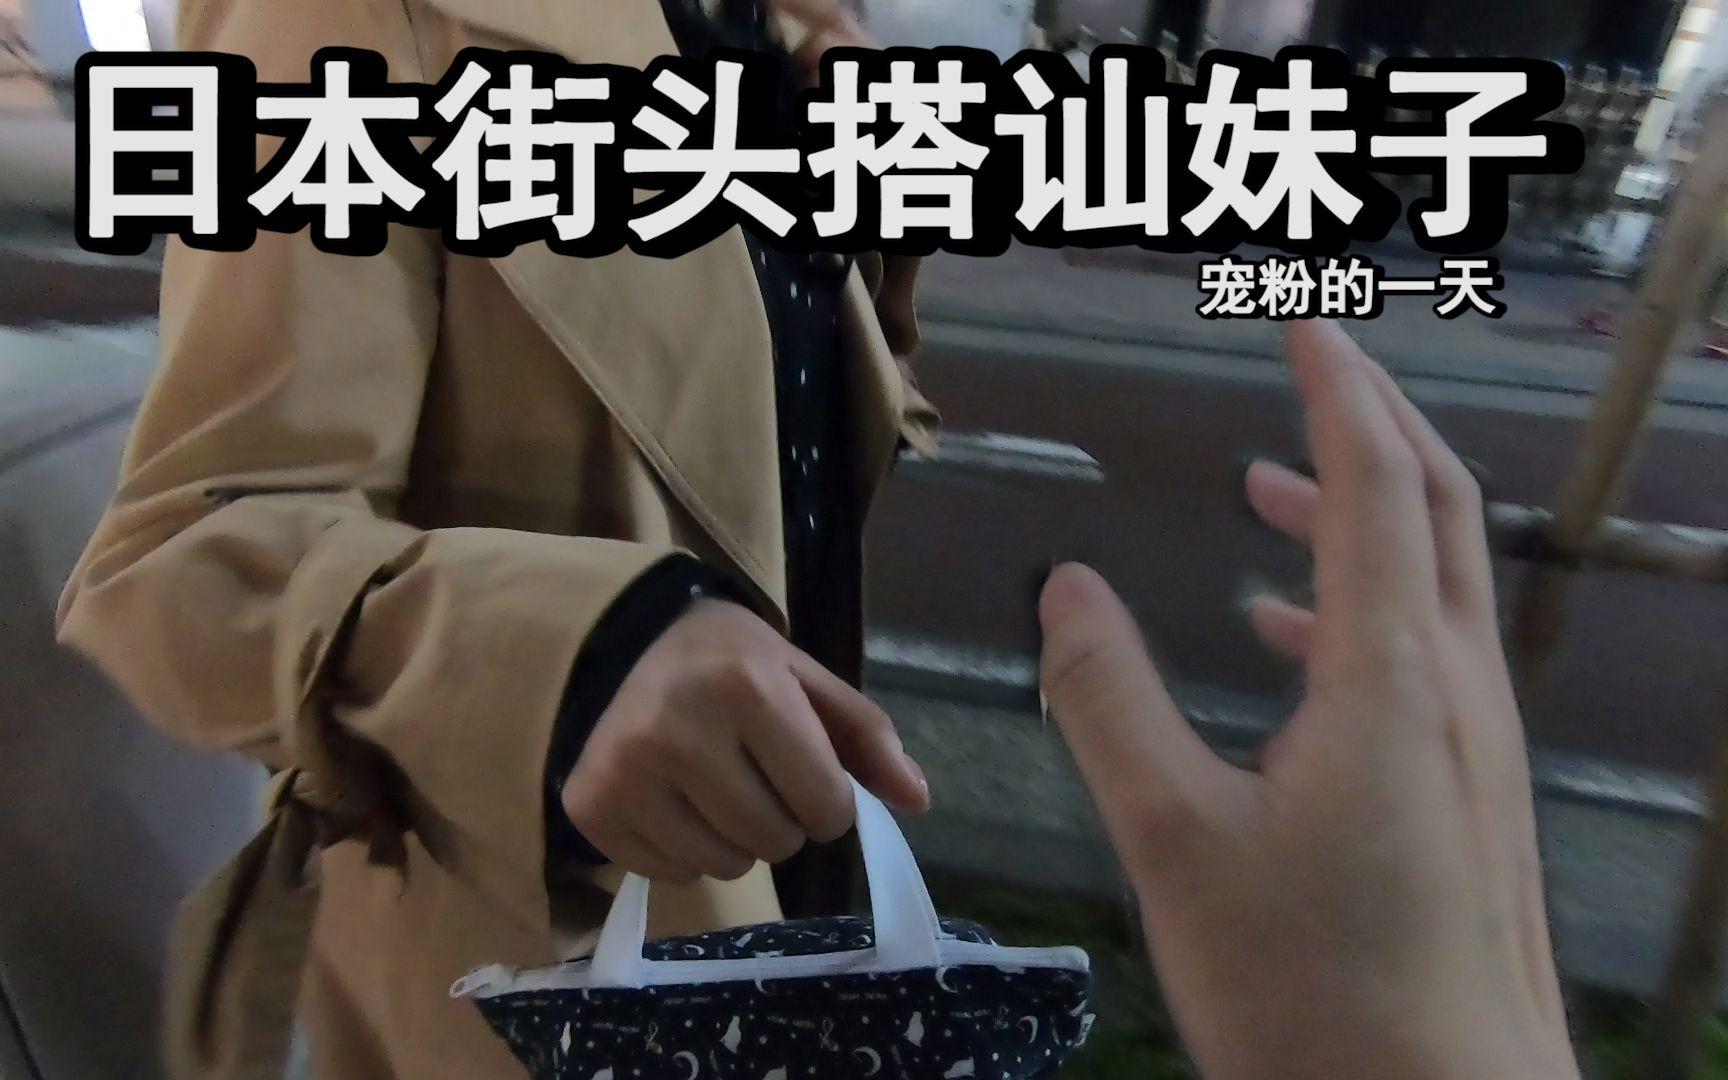 中国男子尝试在日本街头搭讪妹子,结果……